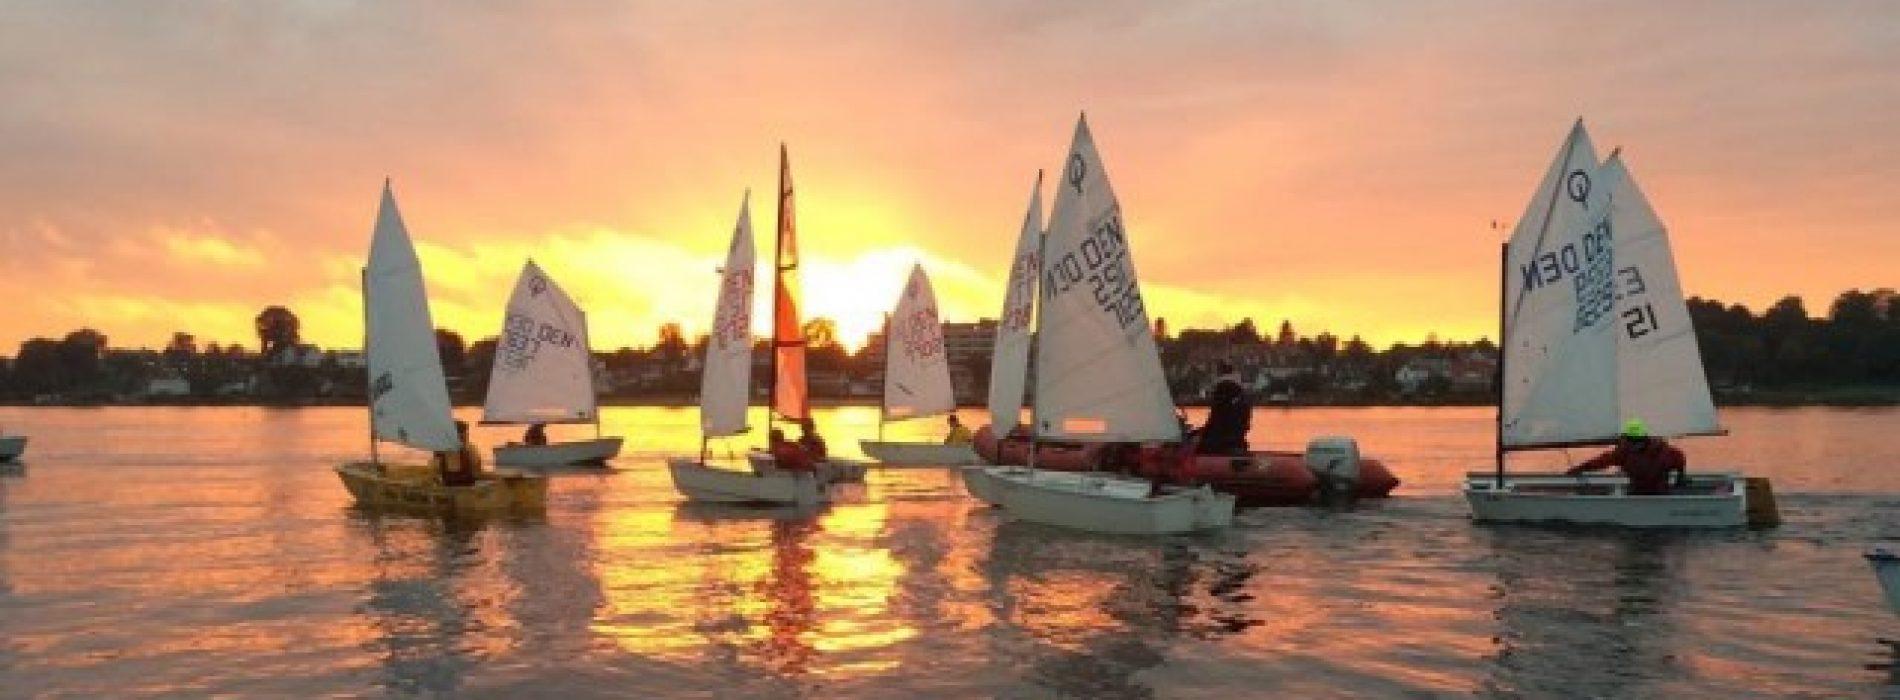 Indbydelse til landlejr i Oure for alle optimist A sejlere